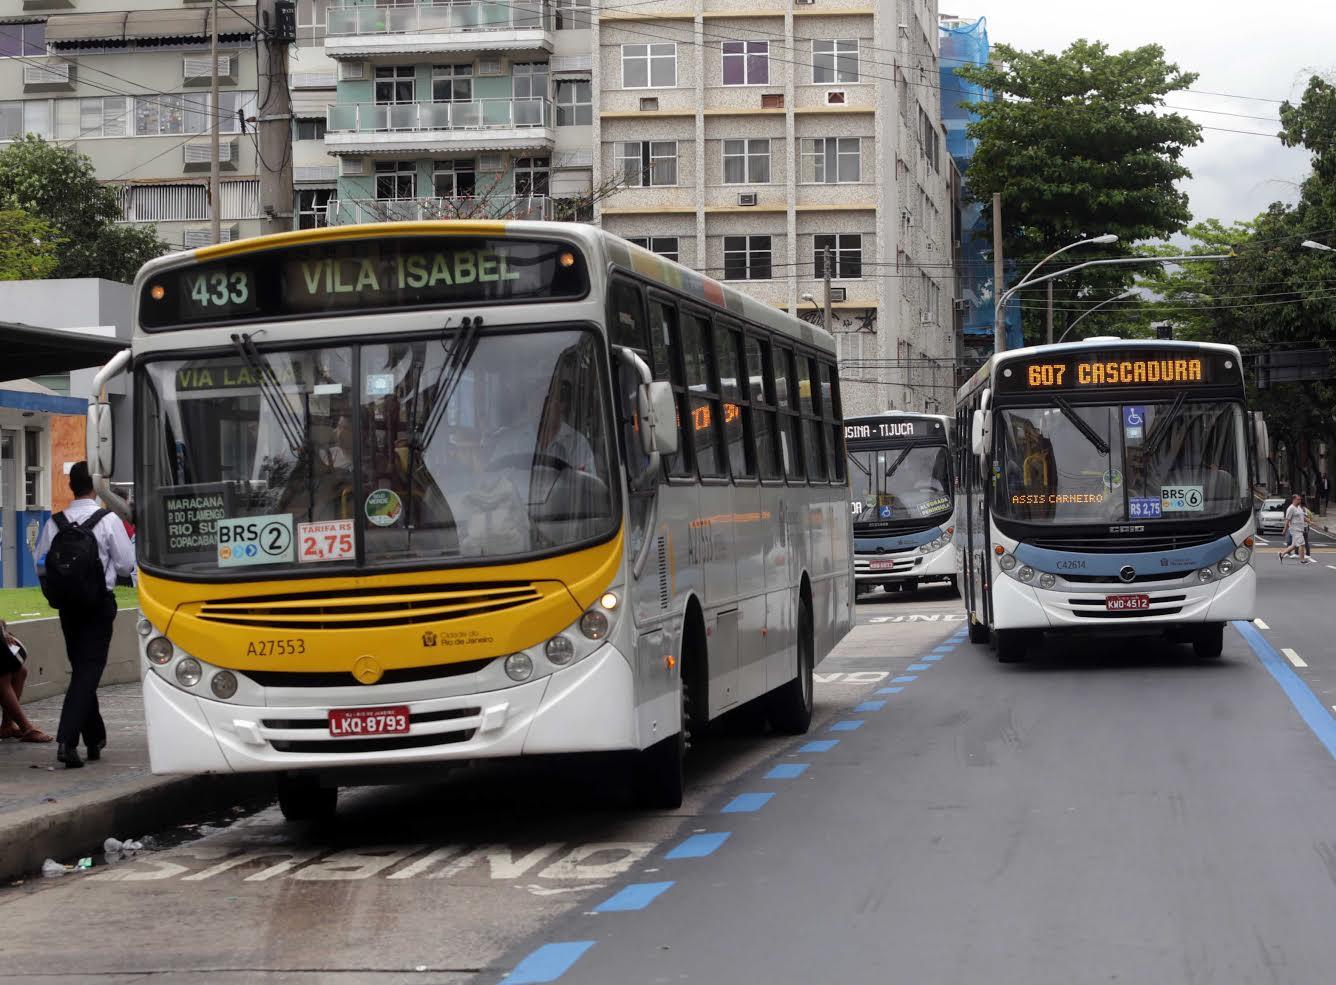 Aplicativos de transporte público oficiais dos Jogos Rio 2016 oferecem serviços aos passageiros